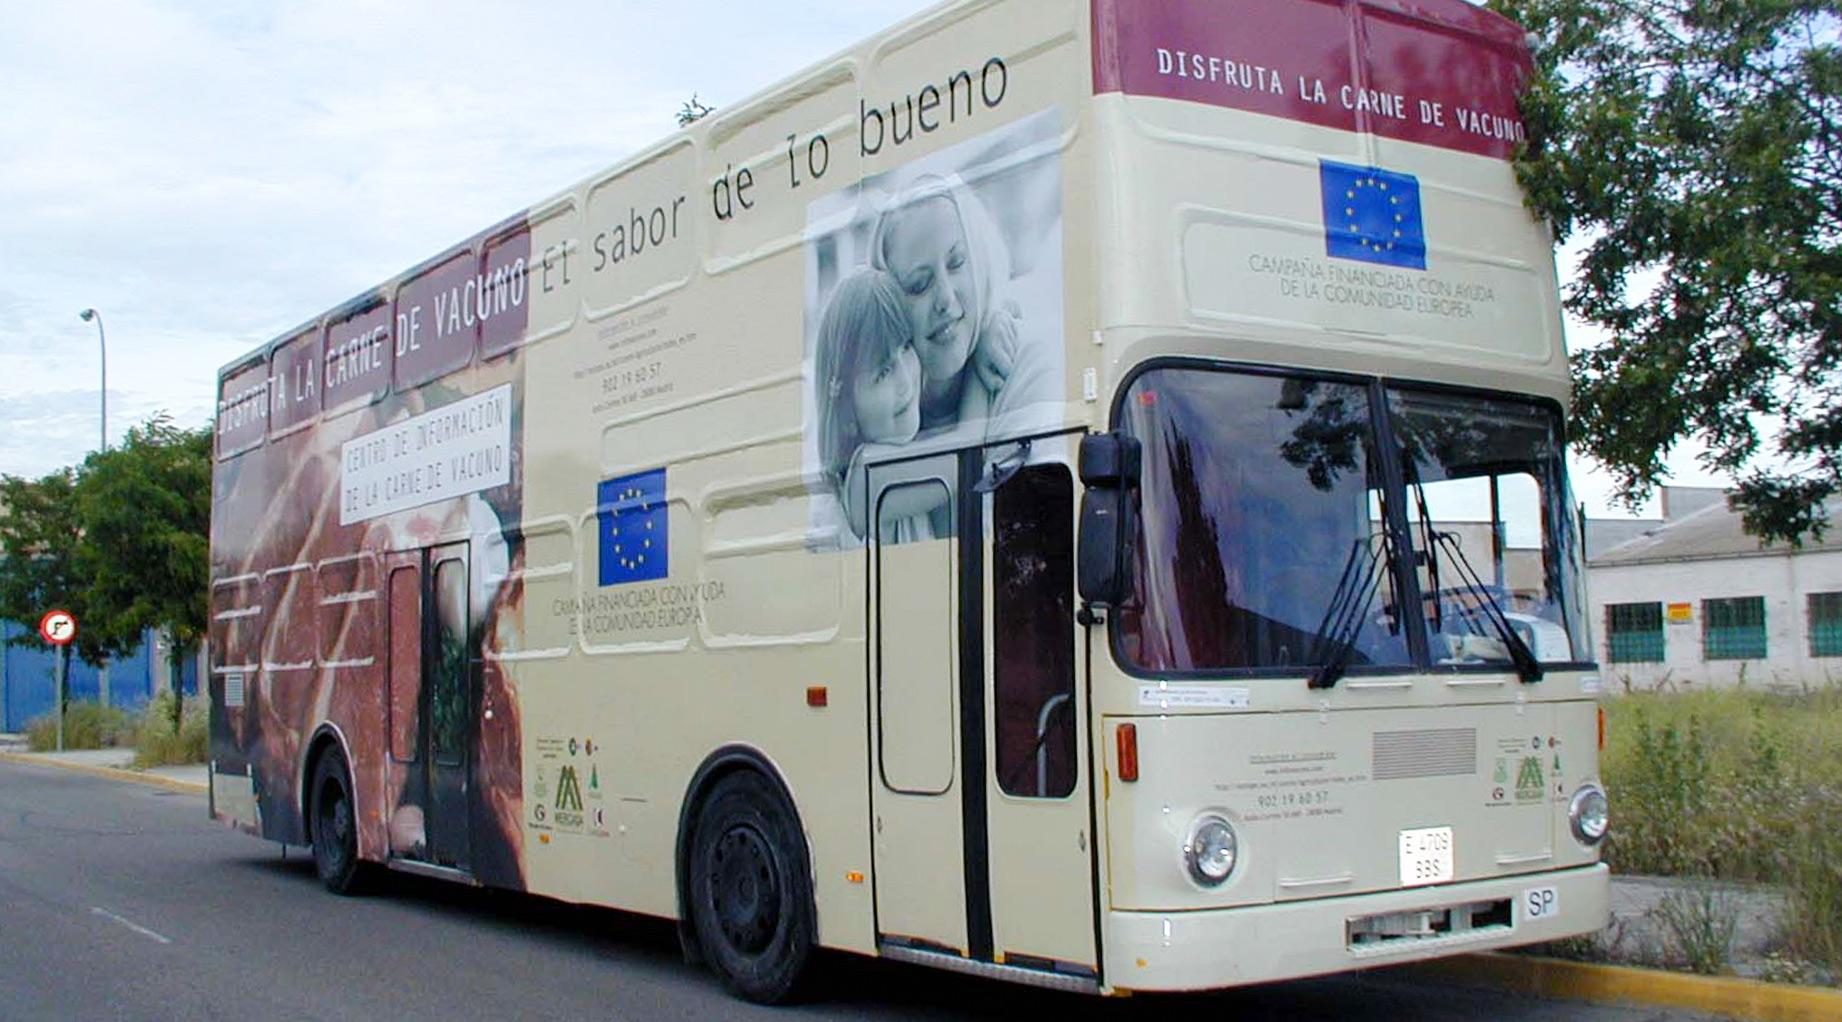 Bus de la Carne